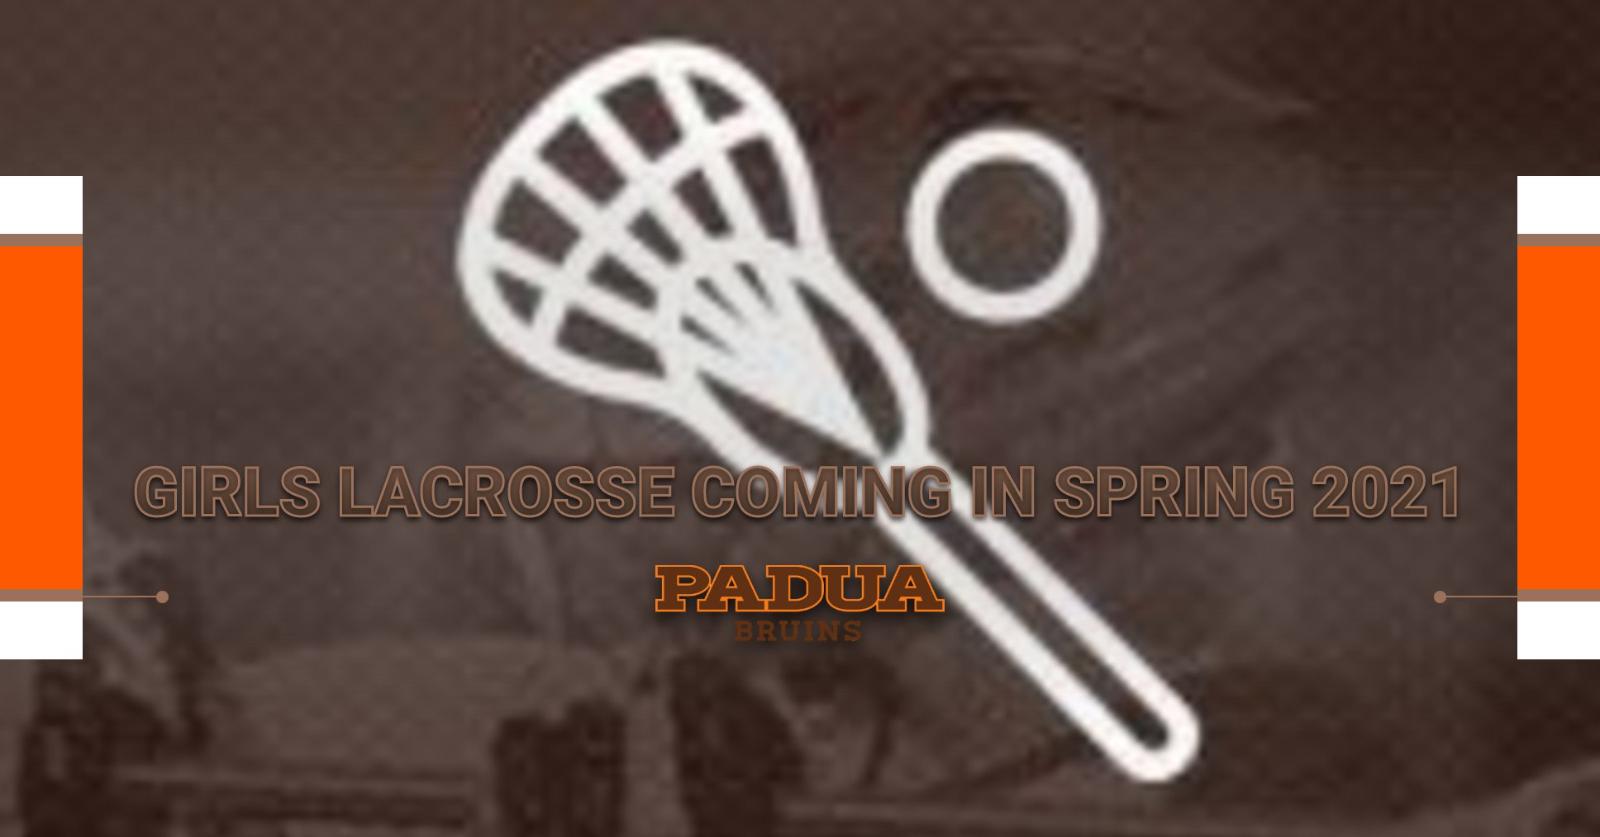 Padua adds Girls Lacrosse